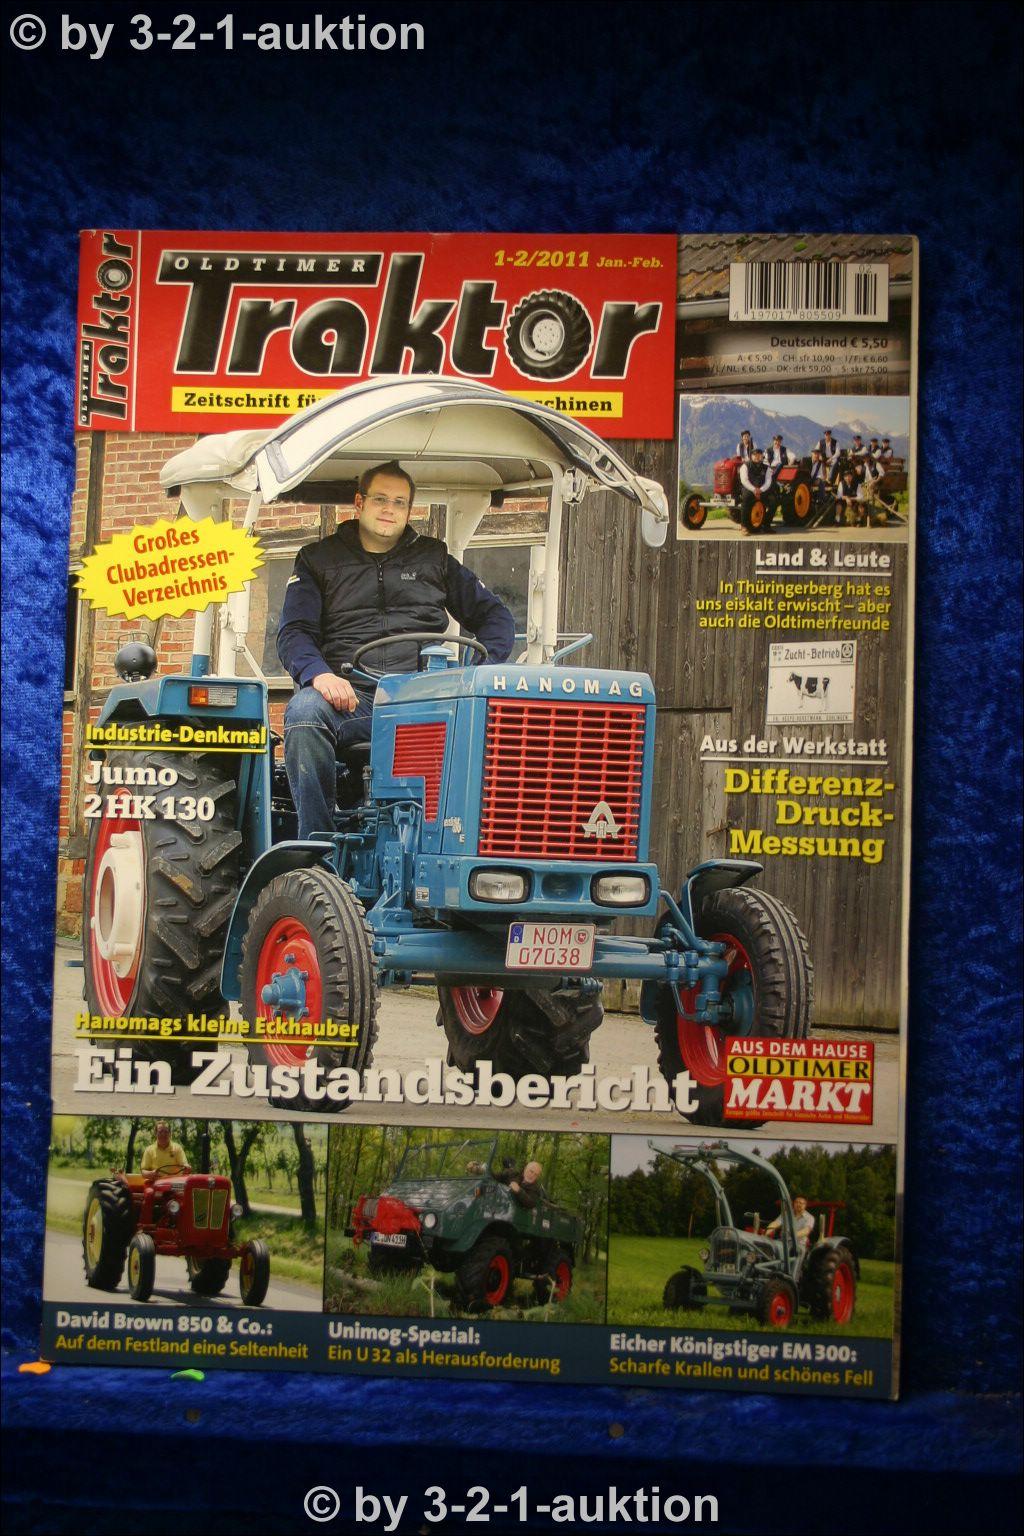 oldtimer traktor 1 2 11 hanomag perfekt granit eicher. Black Bedroom Furniture Sets. Home Design Ideas